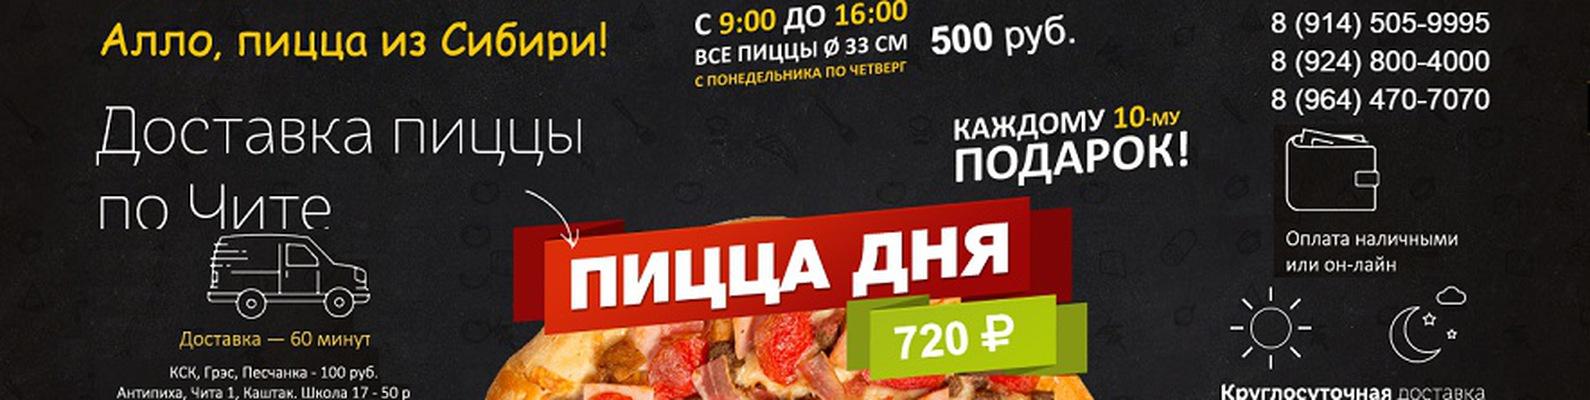 Существует мнение о том, что приготовить пиццу можно и дома, нужно лишь раскатать тесто и засыпать его всем, что есть в холодильнике.